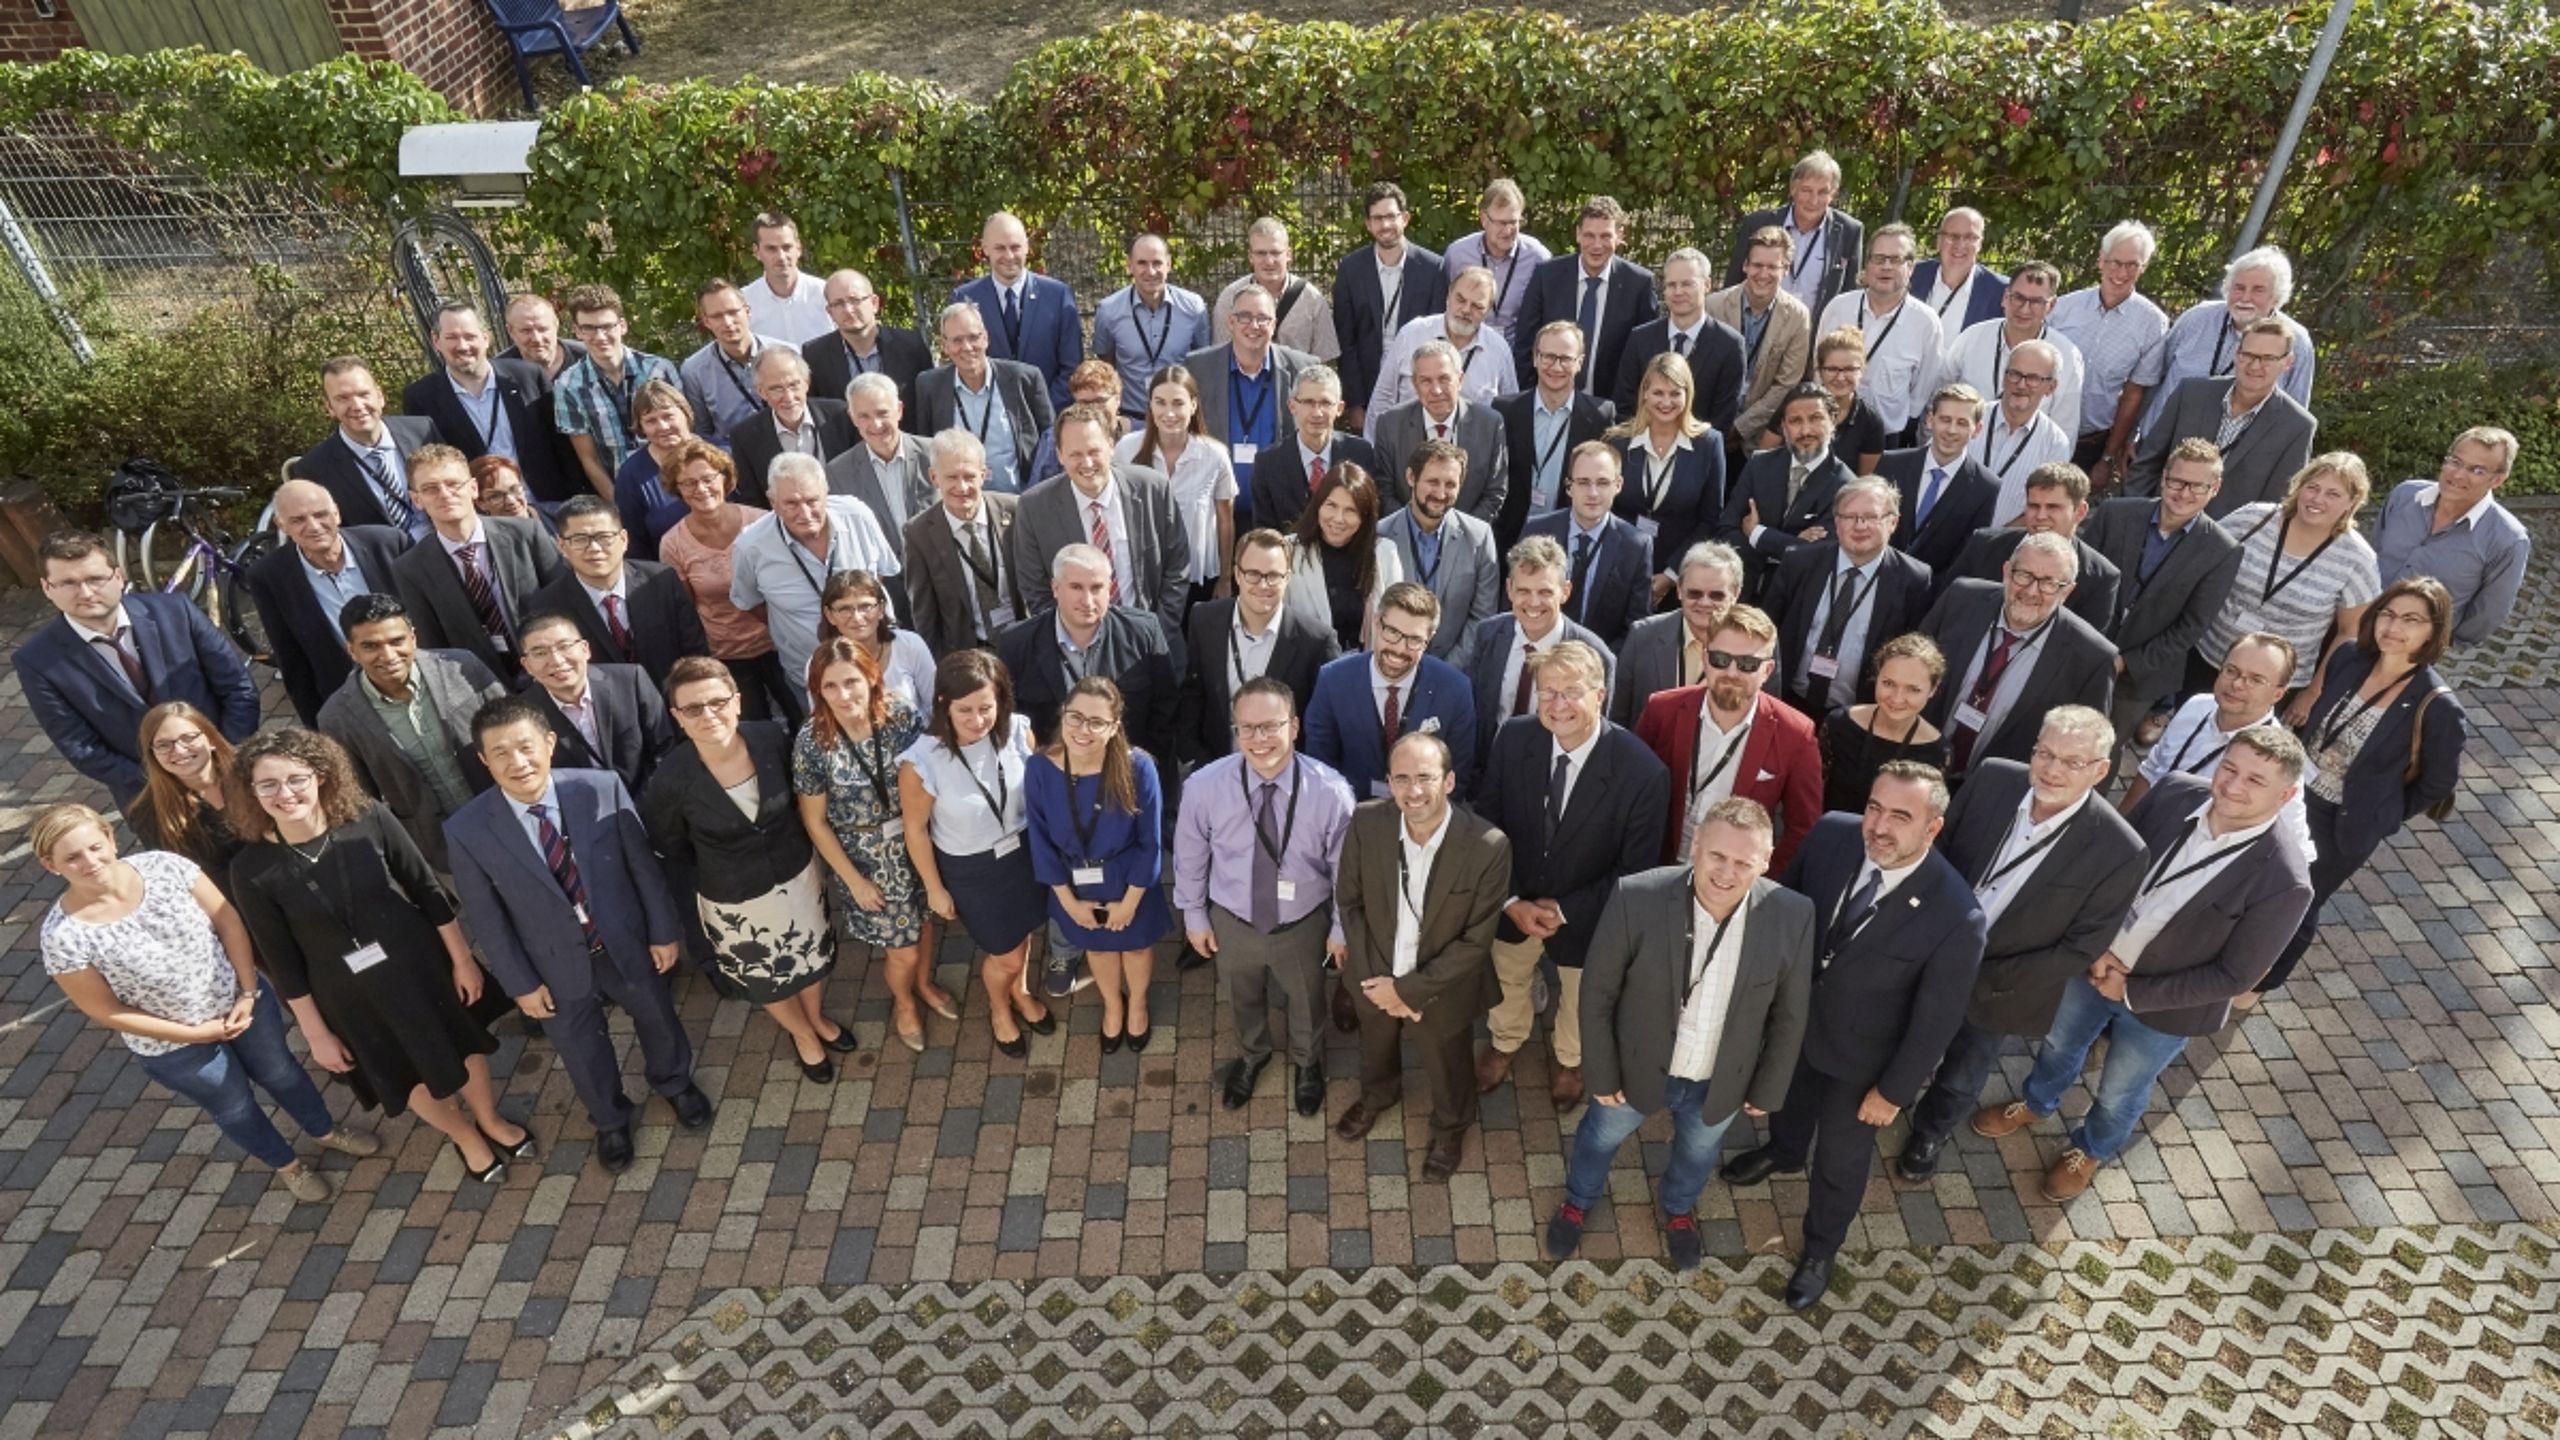 Spotkania fachowców z dziedziny utrzymania infrastruktury drogowej w Darmstadt